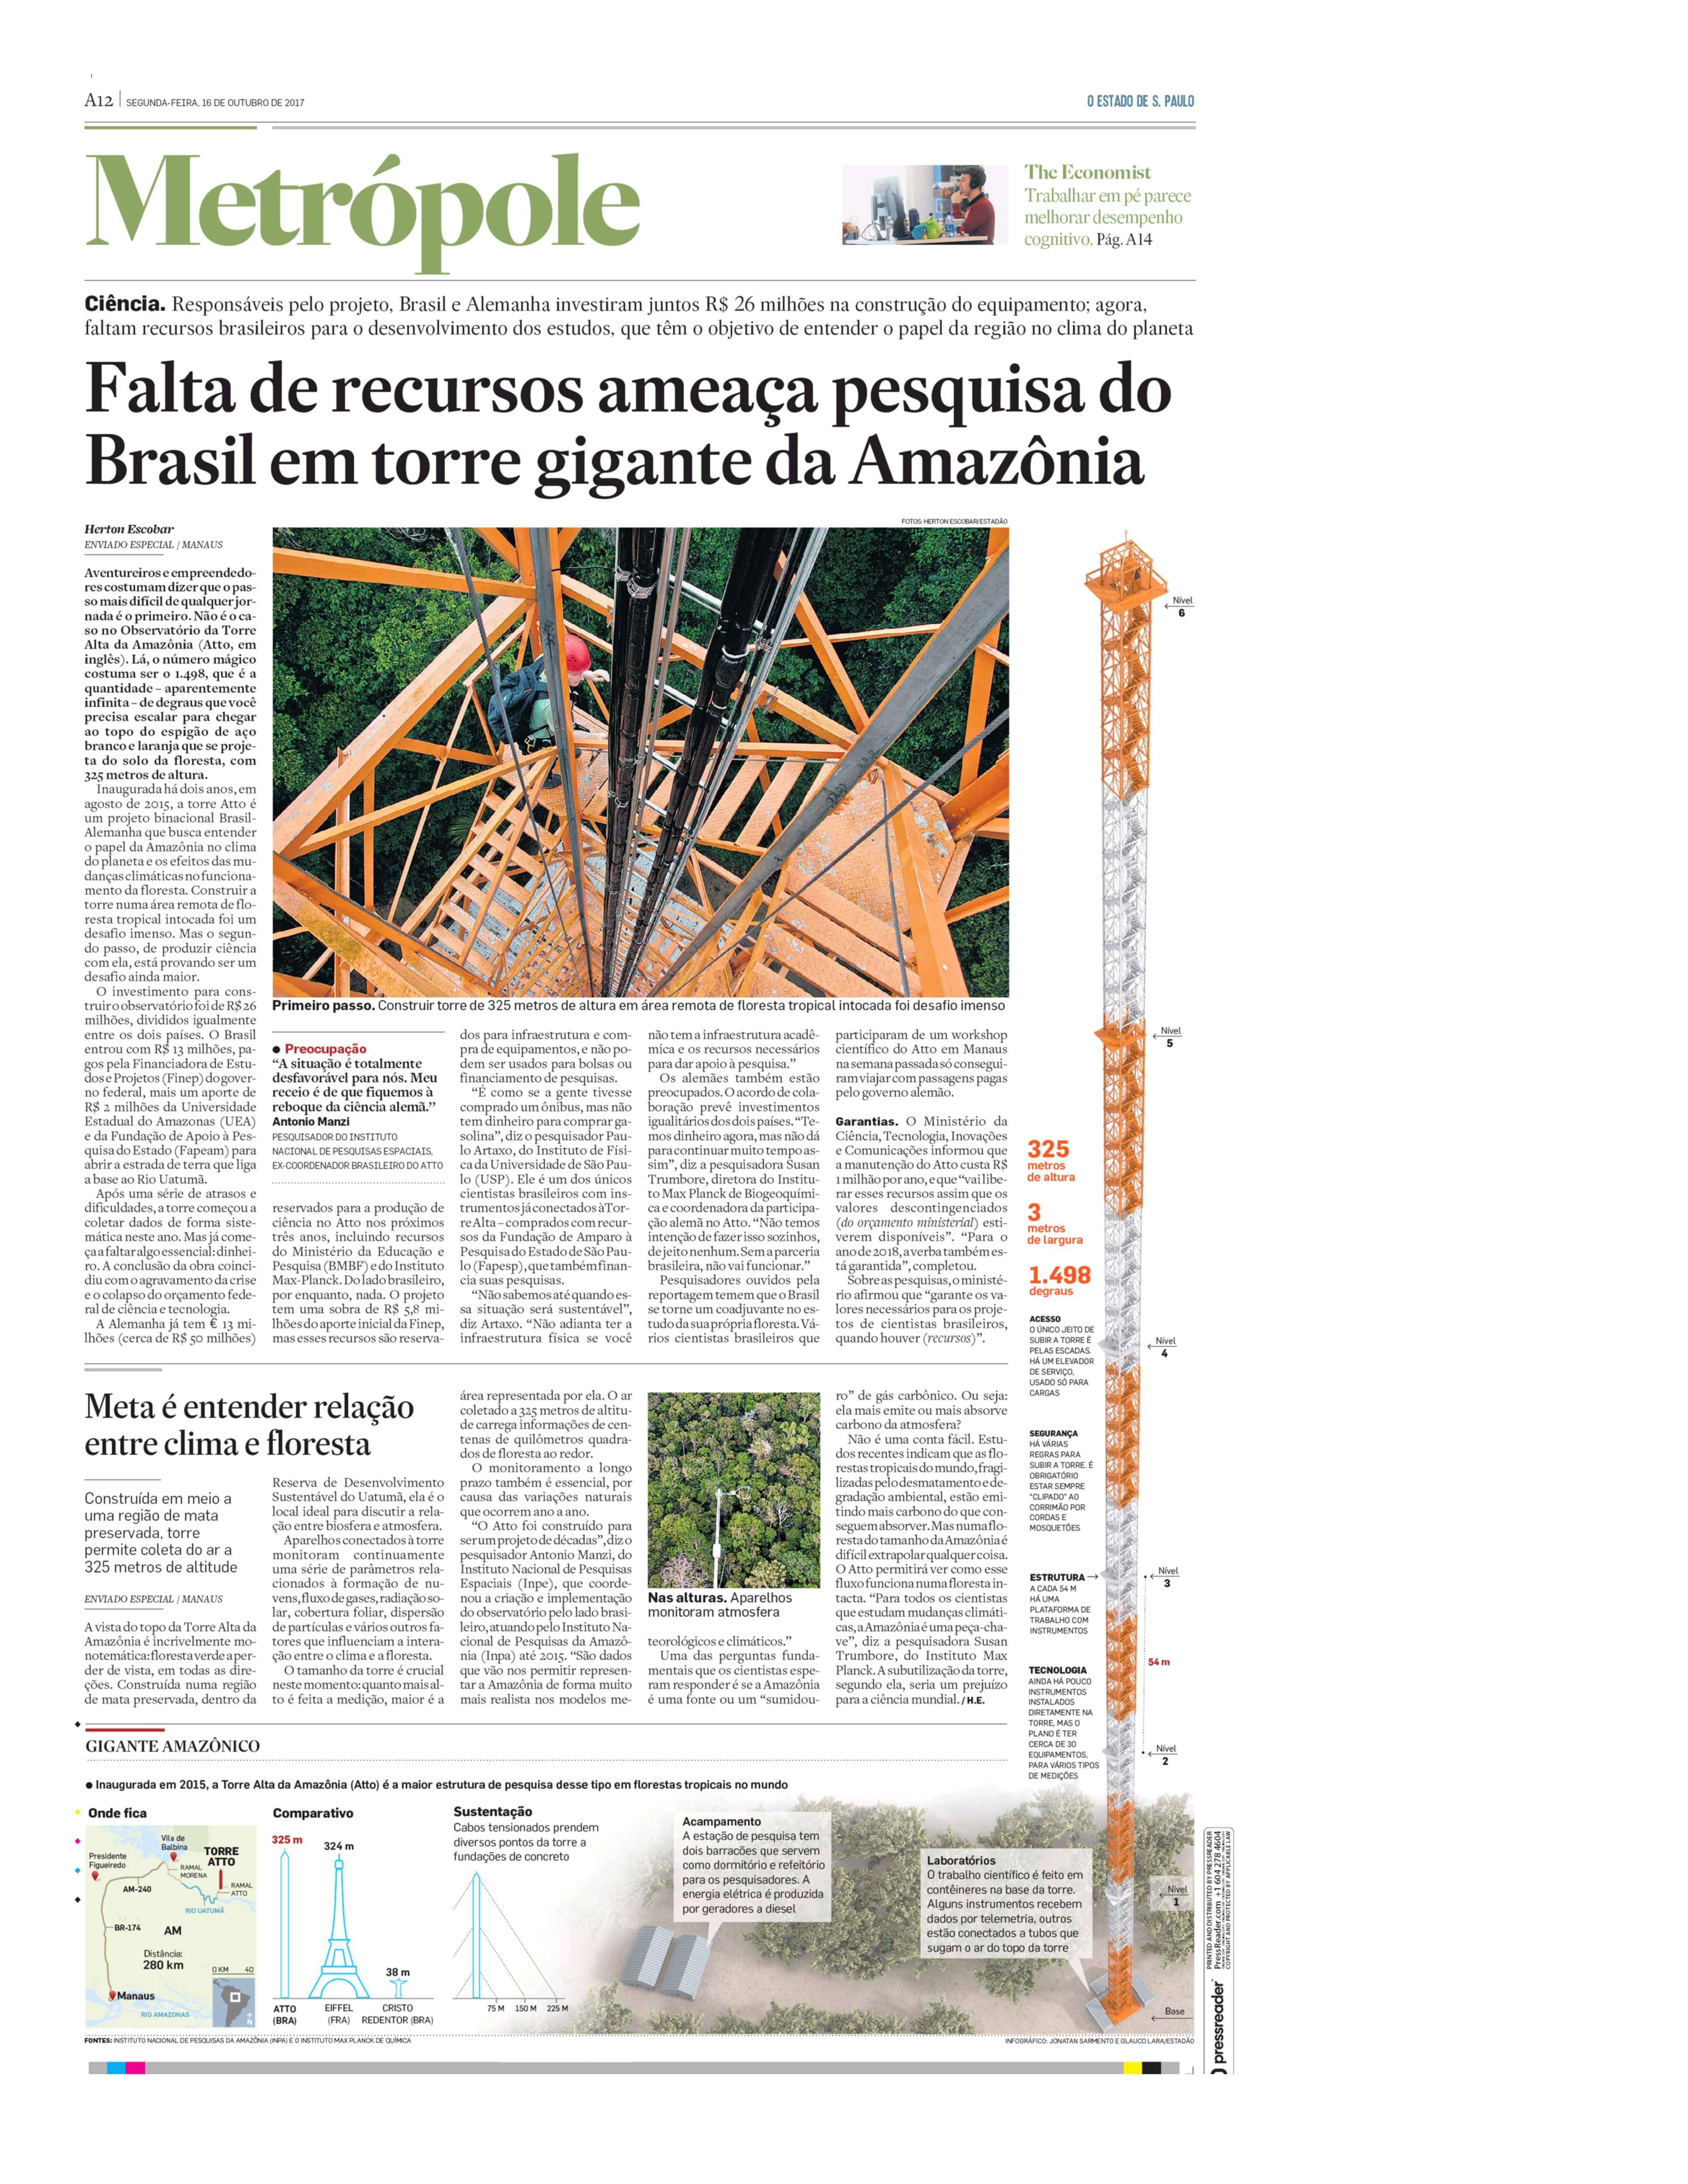 Falta de recursos ameaça pesquisa do Brasil em torre gigante da Amazônia